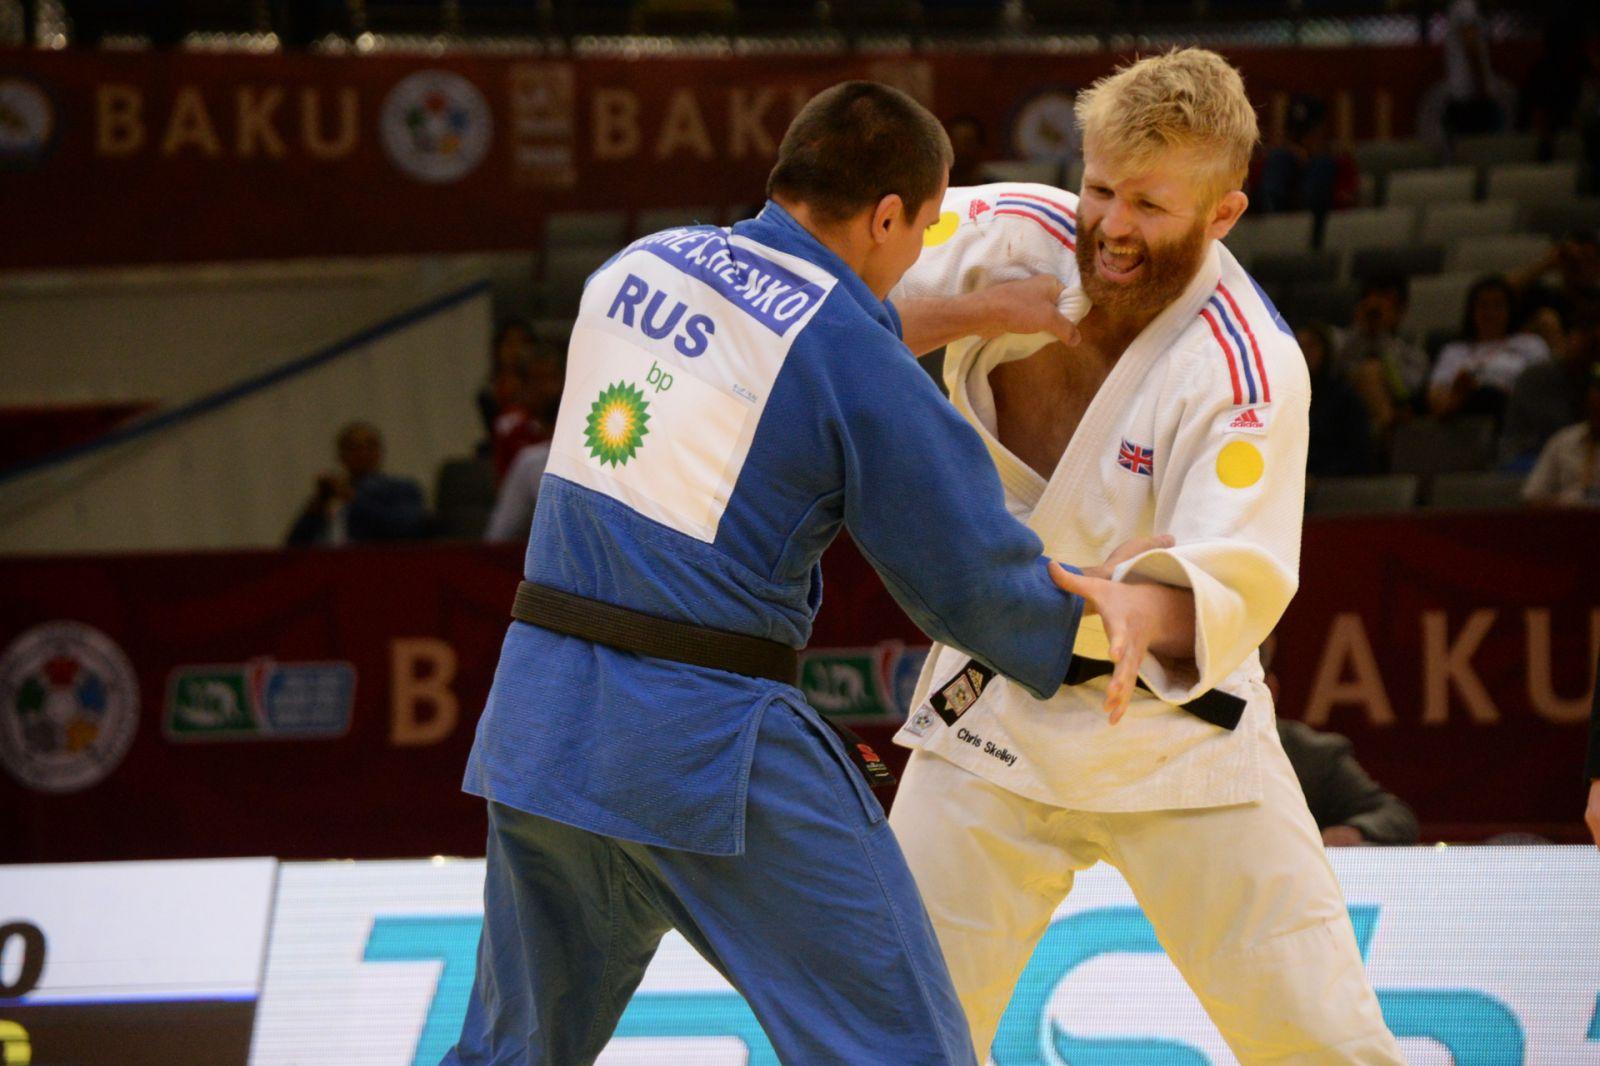 2 серебряные и 3 бронзовые награды завоевала сборная команда России по дзюдо спорта слепых на Гран-при в г. Баку